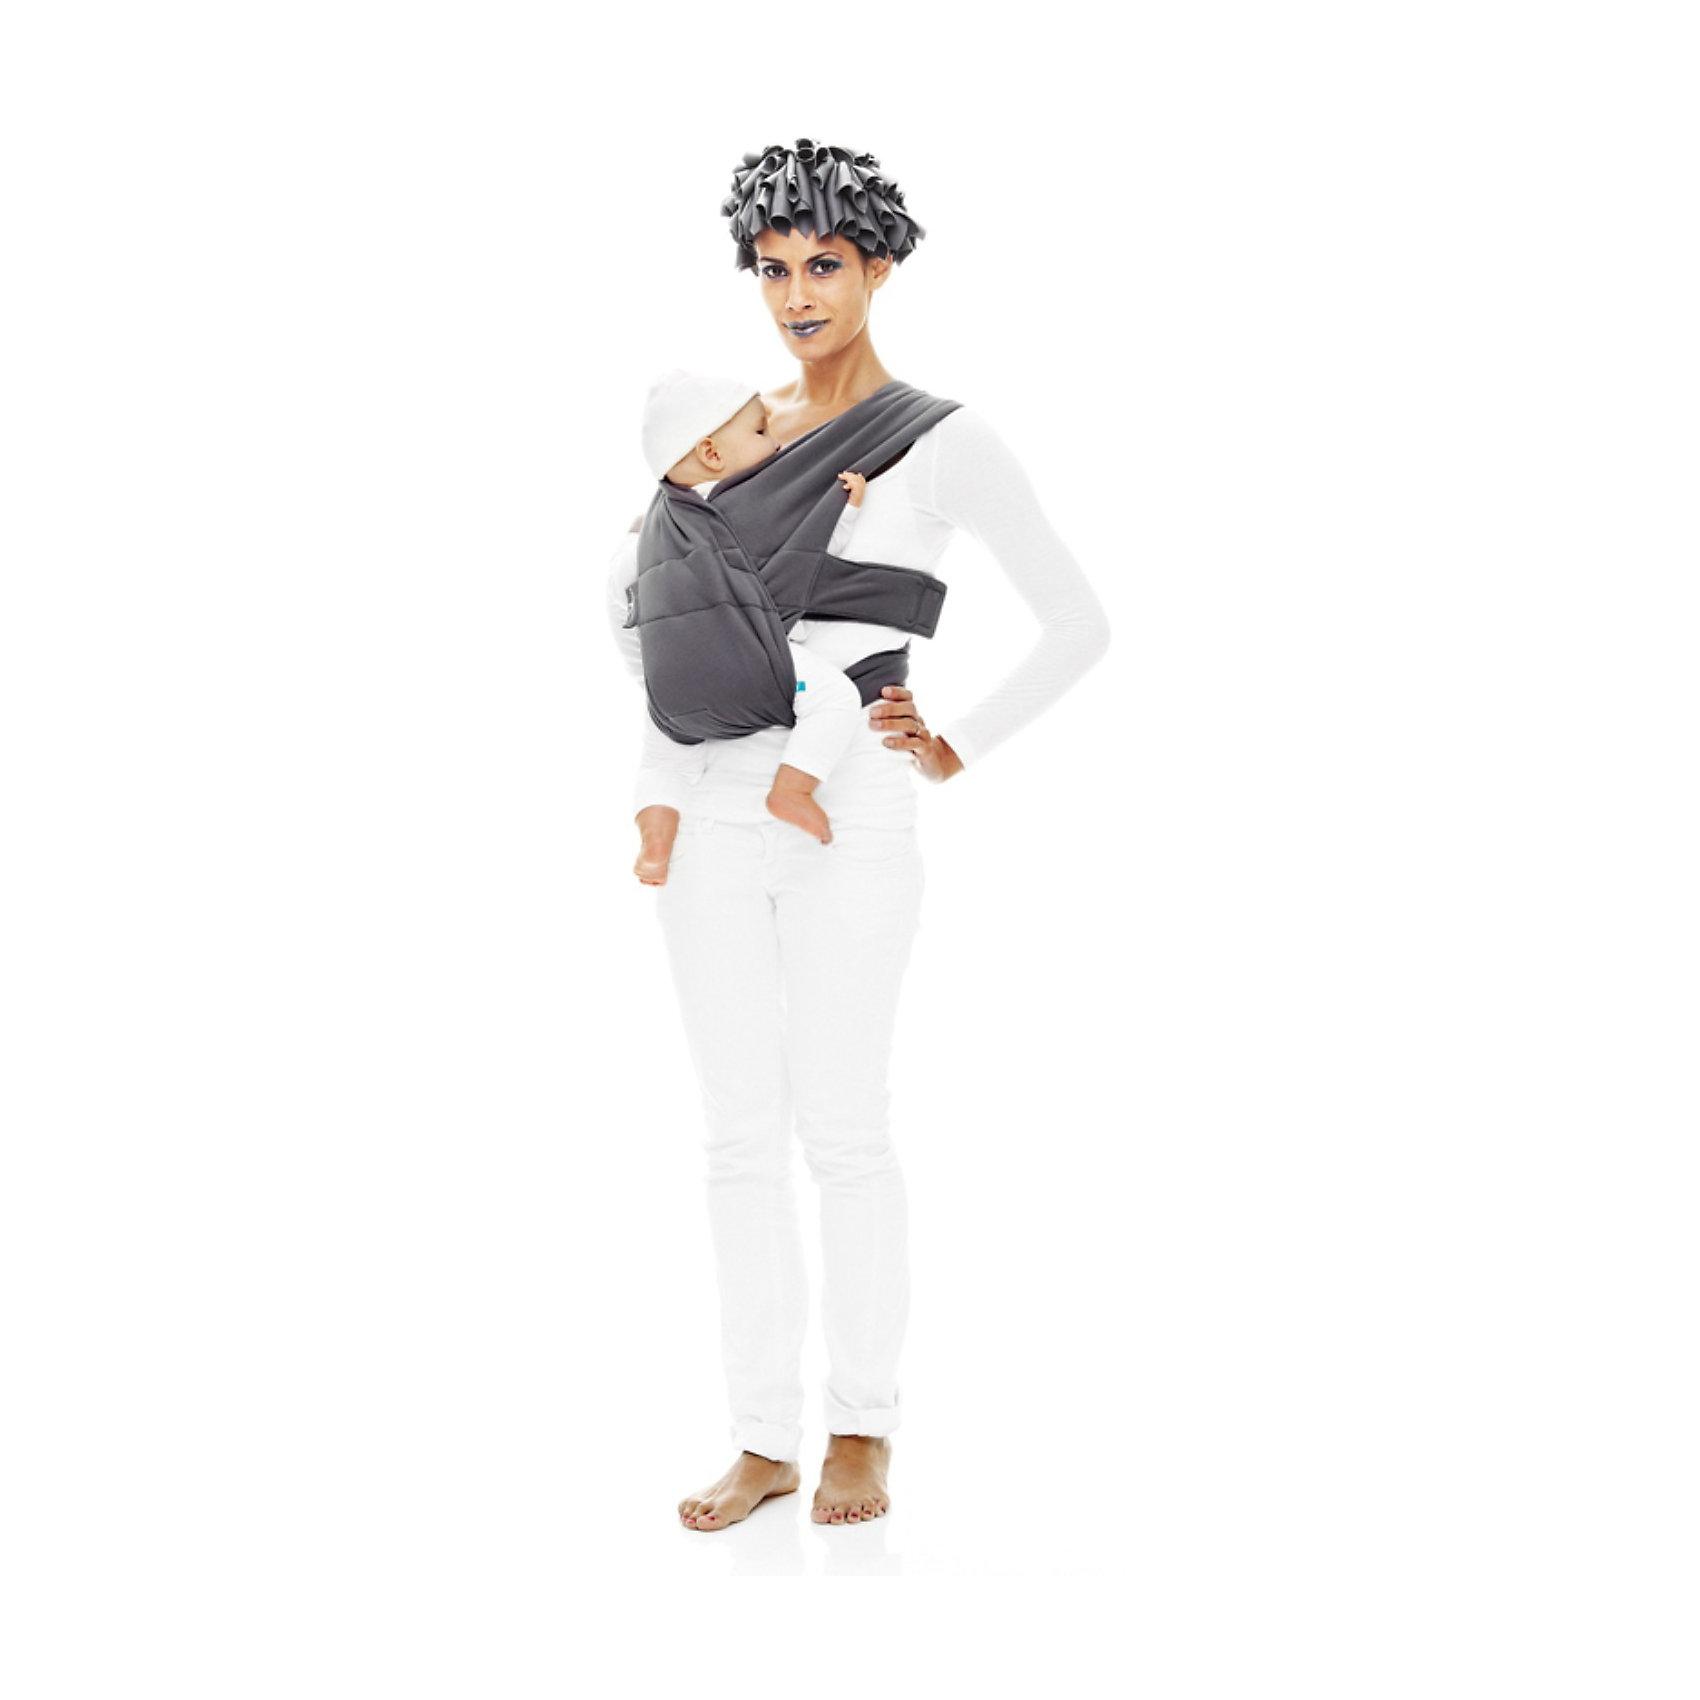 Рюкзак-переноска, Wallaboo, серыйРюкзаки-переноски<br>Рюкзак-переноска, Валлабу, серый – новинка от Wallaboo, эксперта в производстве качественных, стильных и удобных товаров для мам и малышей. Рюкзак подарит комфорт малышу и обеспечит удобство передвижения маме.<br>Современный эргономичный рюкзак-переноска от Wallaboo придуман для заботливых родителей и чудесных малышей, в нем  использованы преимущества разнообразных видов рюкзаков–переносок и устранены любые неудобства для мамы или малыша. Это изделие Вы сможете быстро и легко приспособить к своей фигуре. Благодаря мягкому натуральному материалу оригинальный рюкзак от Wallaboo (Валлабу) будет намного комфортнее любой модели рюкзака, сделанной из полиэстера. Он выполнен из прочного 100% хлопка, пропускающего воздух. Широкие ремни на плечах и уникальное решение с перекрестными ремнями на спине обеспечат оптимальное распределение нагрузки. Легкий и компактный рюкзак удобно взять с собой в путешествие или на прогулку. Стильный и оригинальный двухцветный дизайн подчеркнет ваш модный и динамичный образ.<br><br>Дополнительная информация:<br><br>- Материал: 100% двусторонний хлопковый трикотаж<br>- Испытания на безопасность: материалы и готовое изделие соответствуют сертификату качества ЕС (BS EN 13209-2)<br>- Особенности: широкая поддерживающая часть под ягодицами и коленками малыша обеспечивает правильное разведение ножек ребенка в эргономичной позе<br>- Регулировка: простая и быстрая при помощи надежных и безопасных застежек-липучек высокого качества, рюкзак растет вместе с Вашим малышом<br>- Использование: легкий и компактный рюкзак удобно взять с собой в путешествие или на прогулку; малыш может находиться в двух естественных положениях «лицом к маме» и «лицом вперед»<br>- Стильный двухцветный дизайн помогает легко отличить лицевую сторону рюкзака от изнанки<br>- Инструкция-схема вшита внутри<br>- Размер: один универсальный размер<br>- Возраст: от рождения до 12 месяцев<br>- Вес ребенка: от 3,5 до 15 кг (рекомендация 